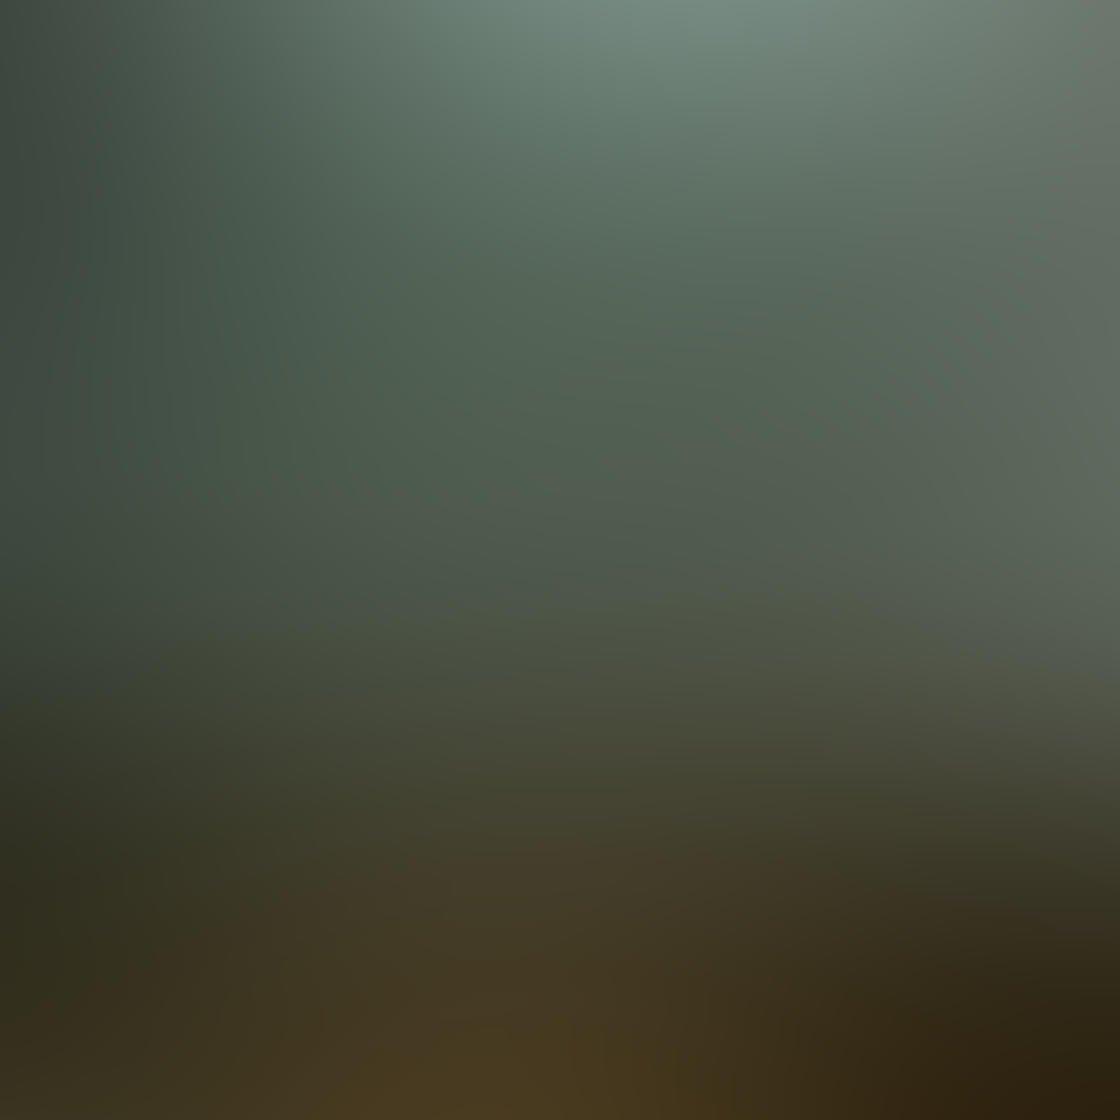 Fog & Mist iPhone Photos 44